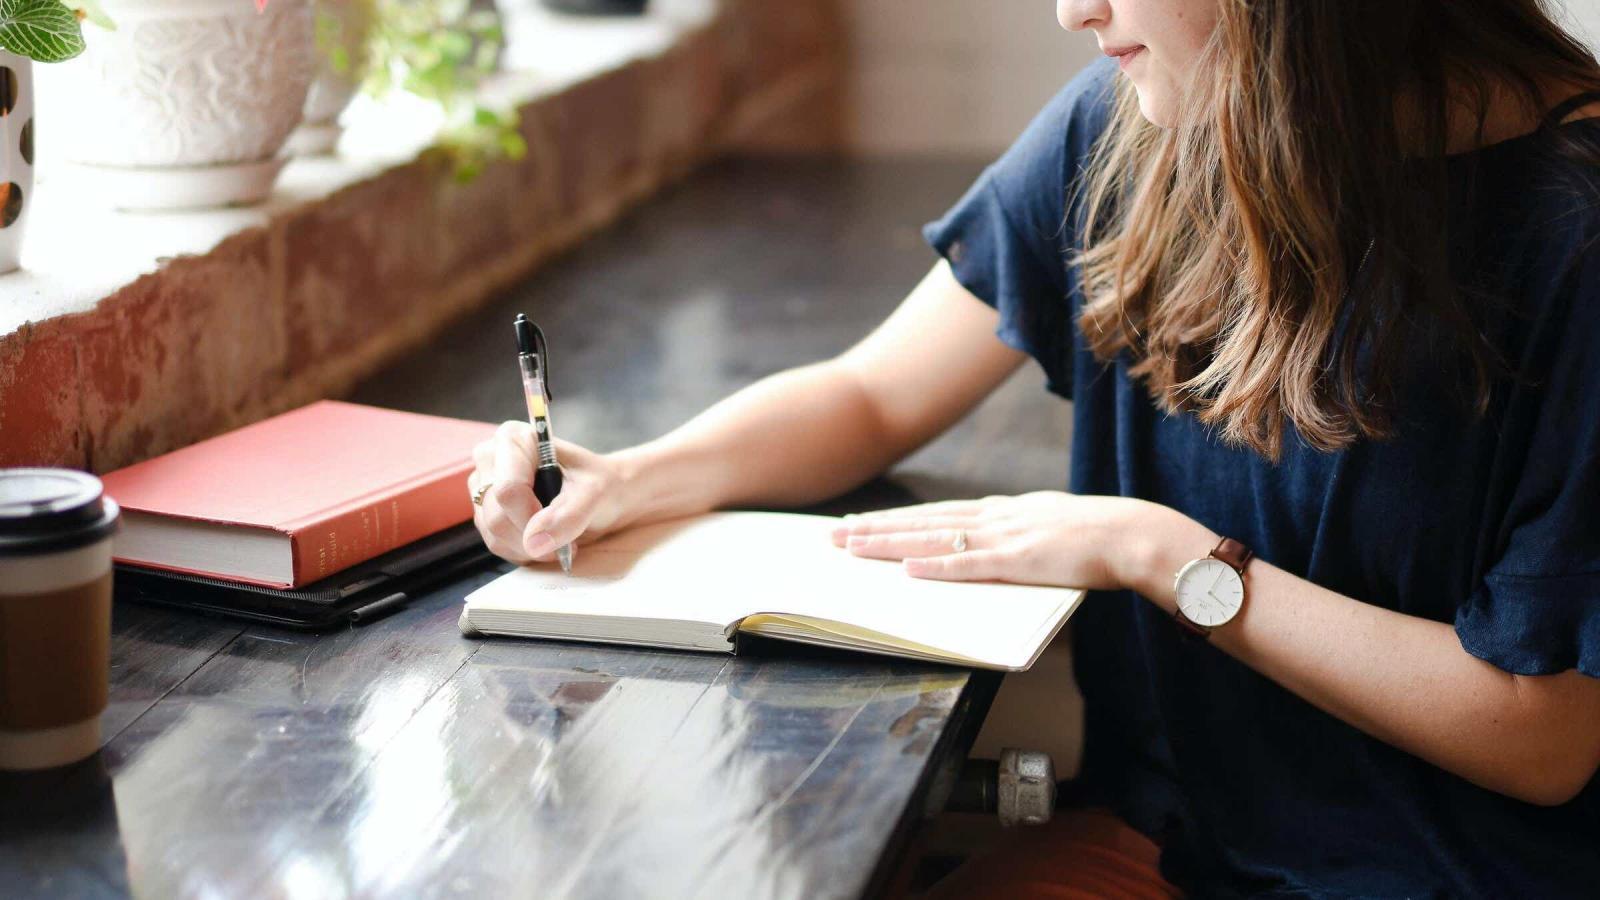 寫字可以保持樂觀?盤點手寫的5個好處,從今天開始練習好好練字吧!-1